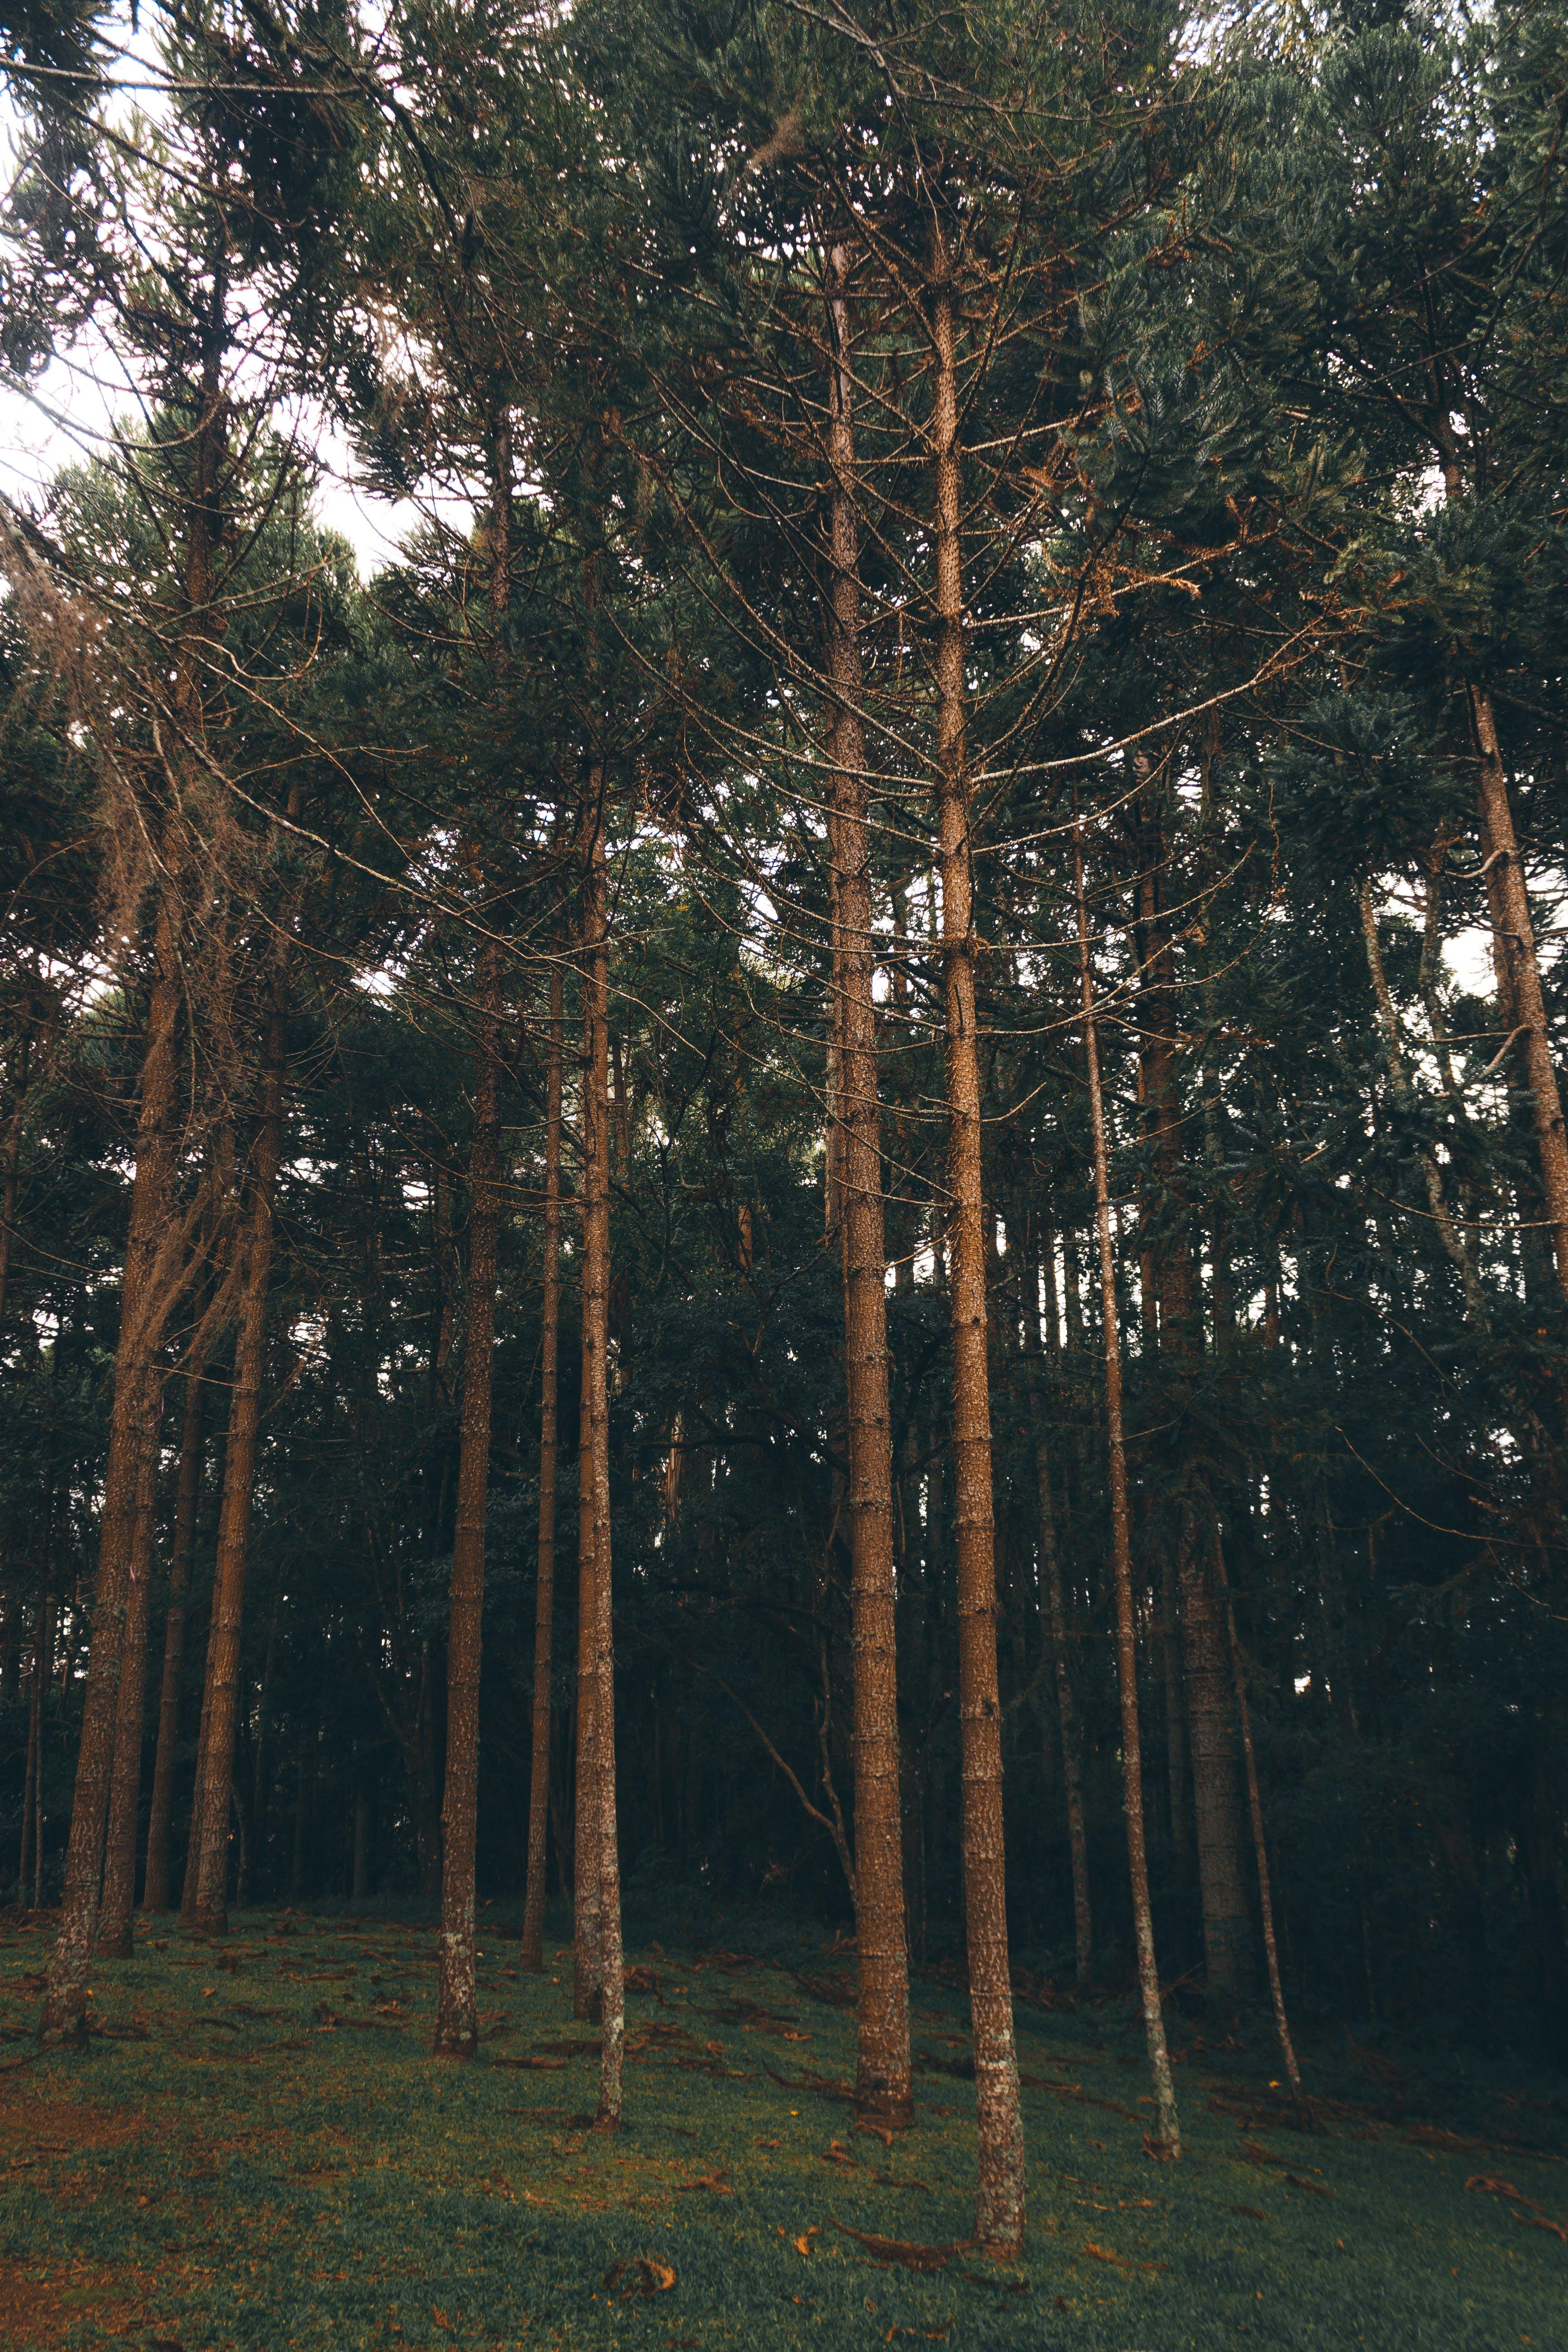 Gratis lagerfoto af fredelig, fyrretræer, grene, idyllisk